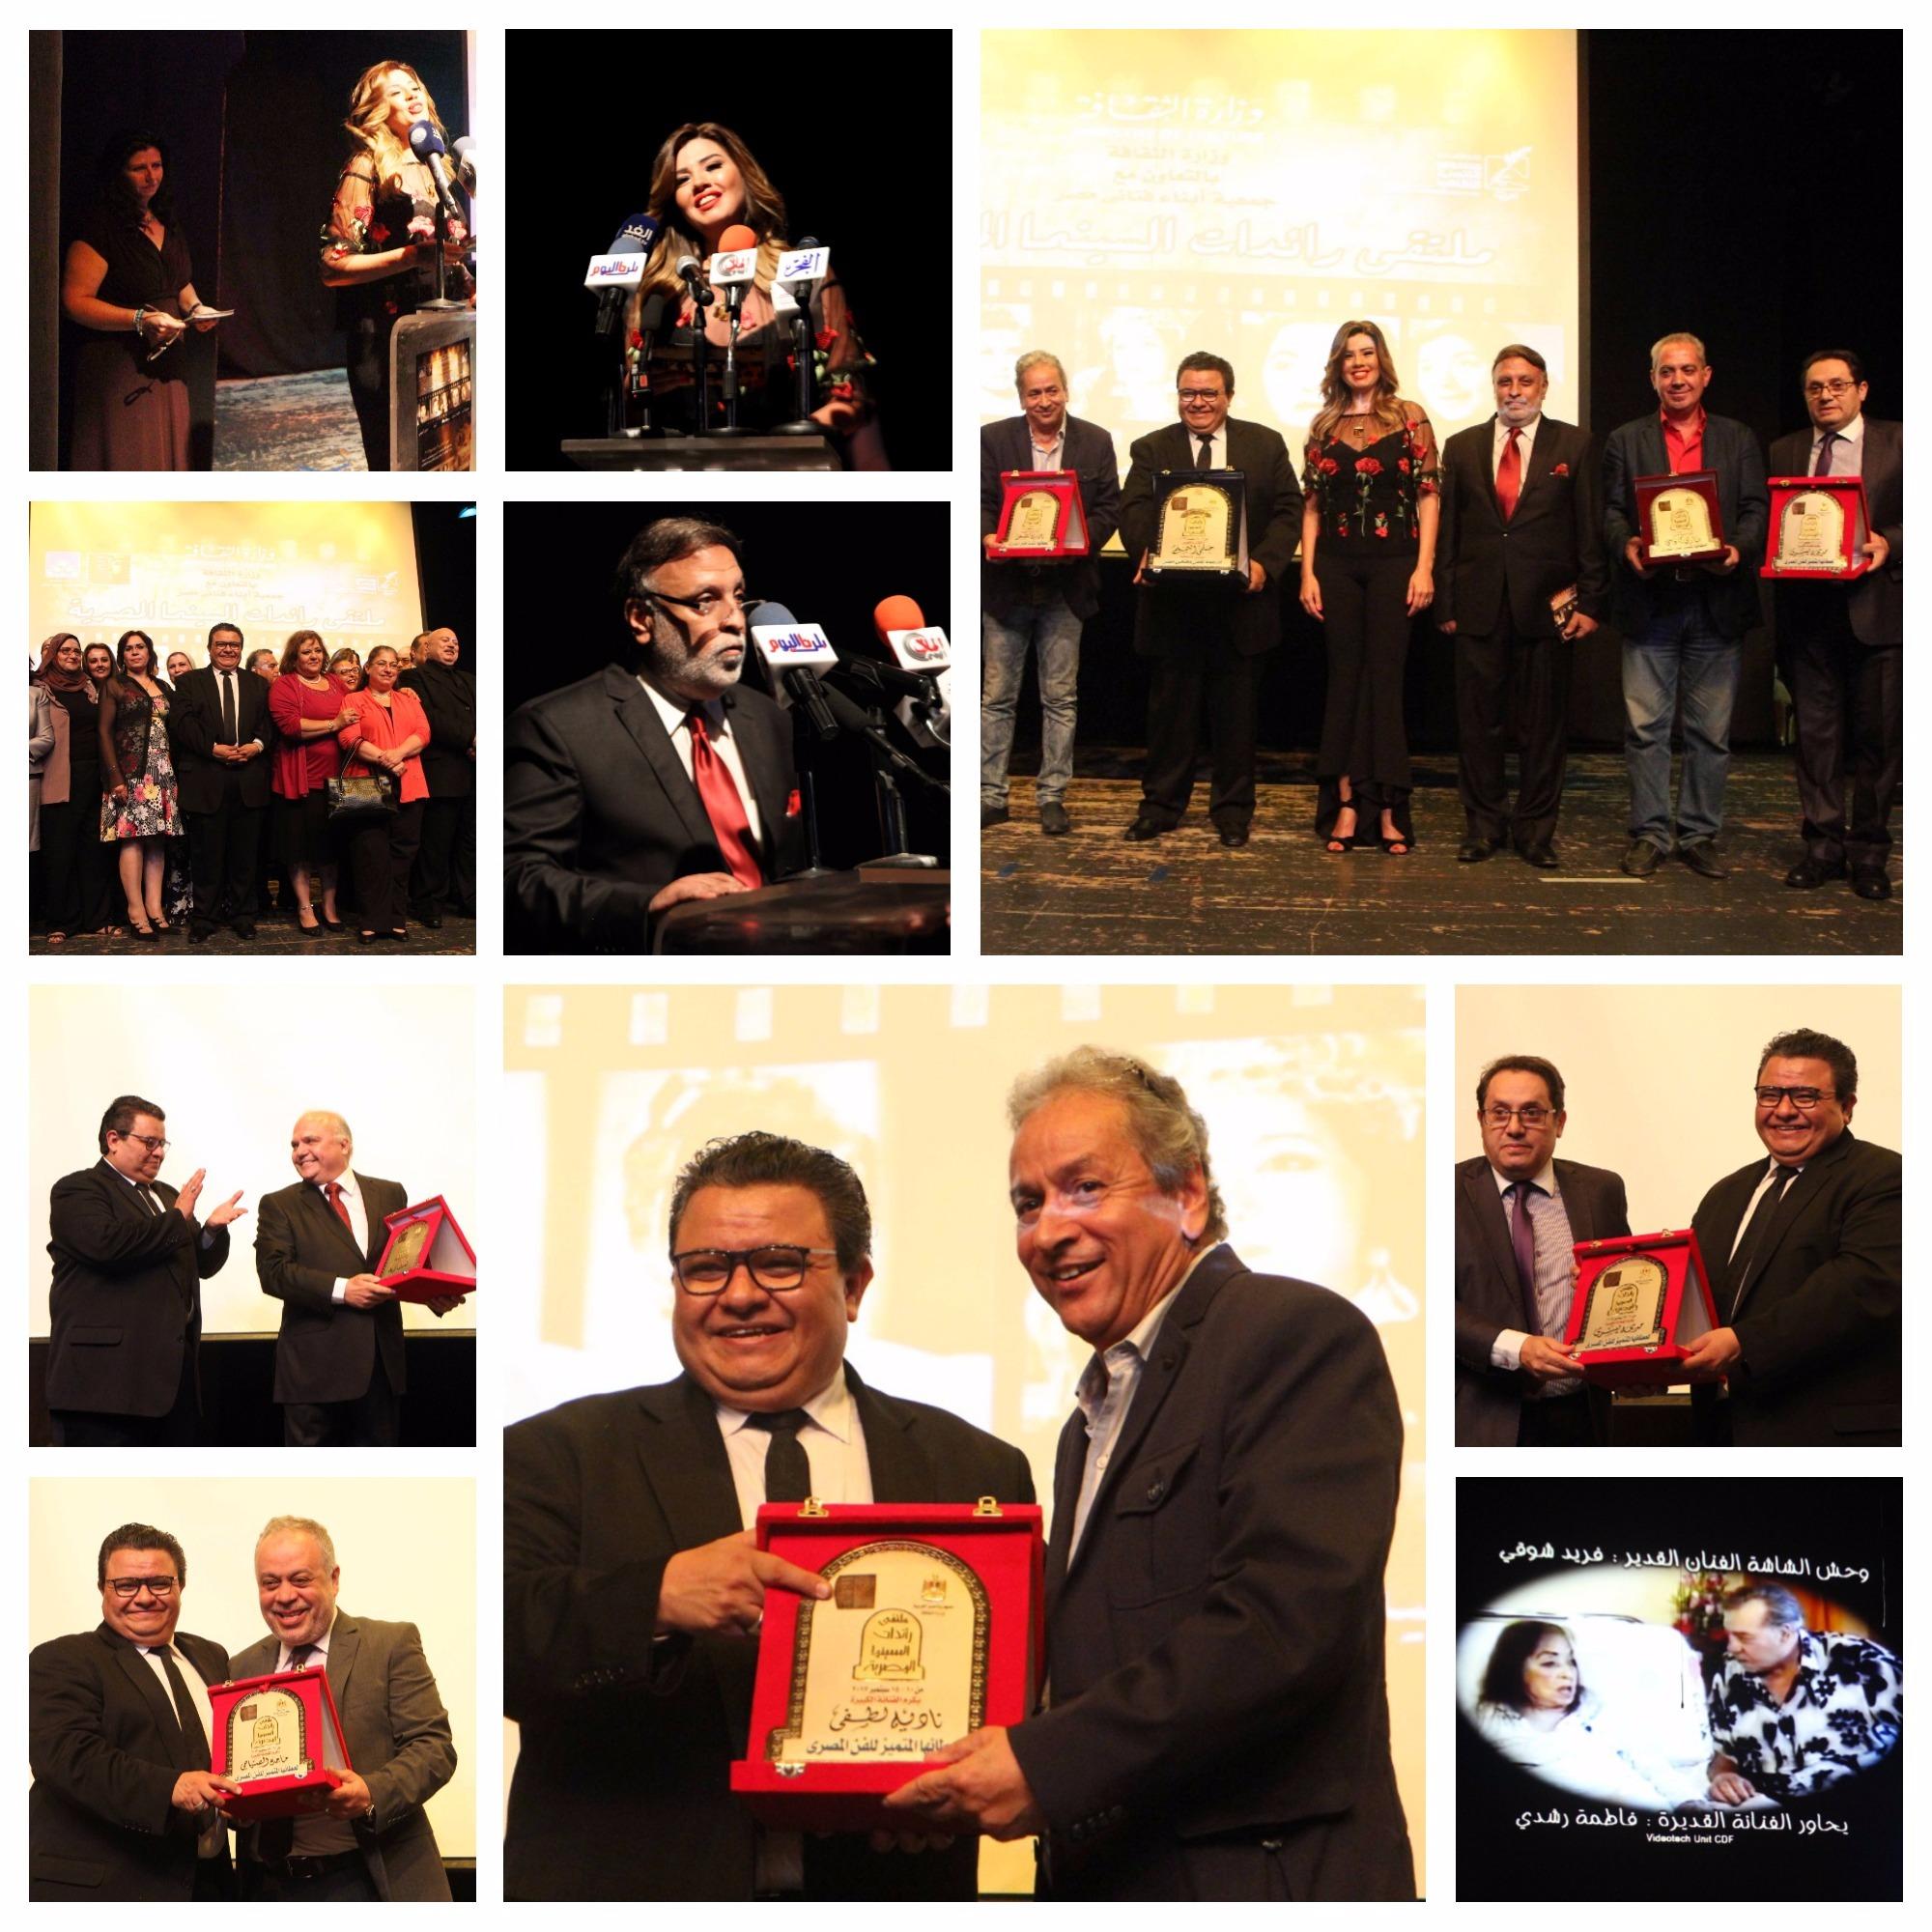 ملتقي رائدات السينما المصرية وتكريم الفنانات